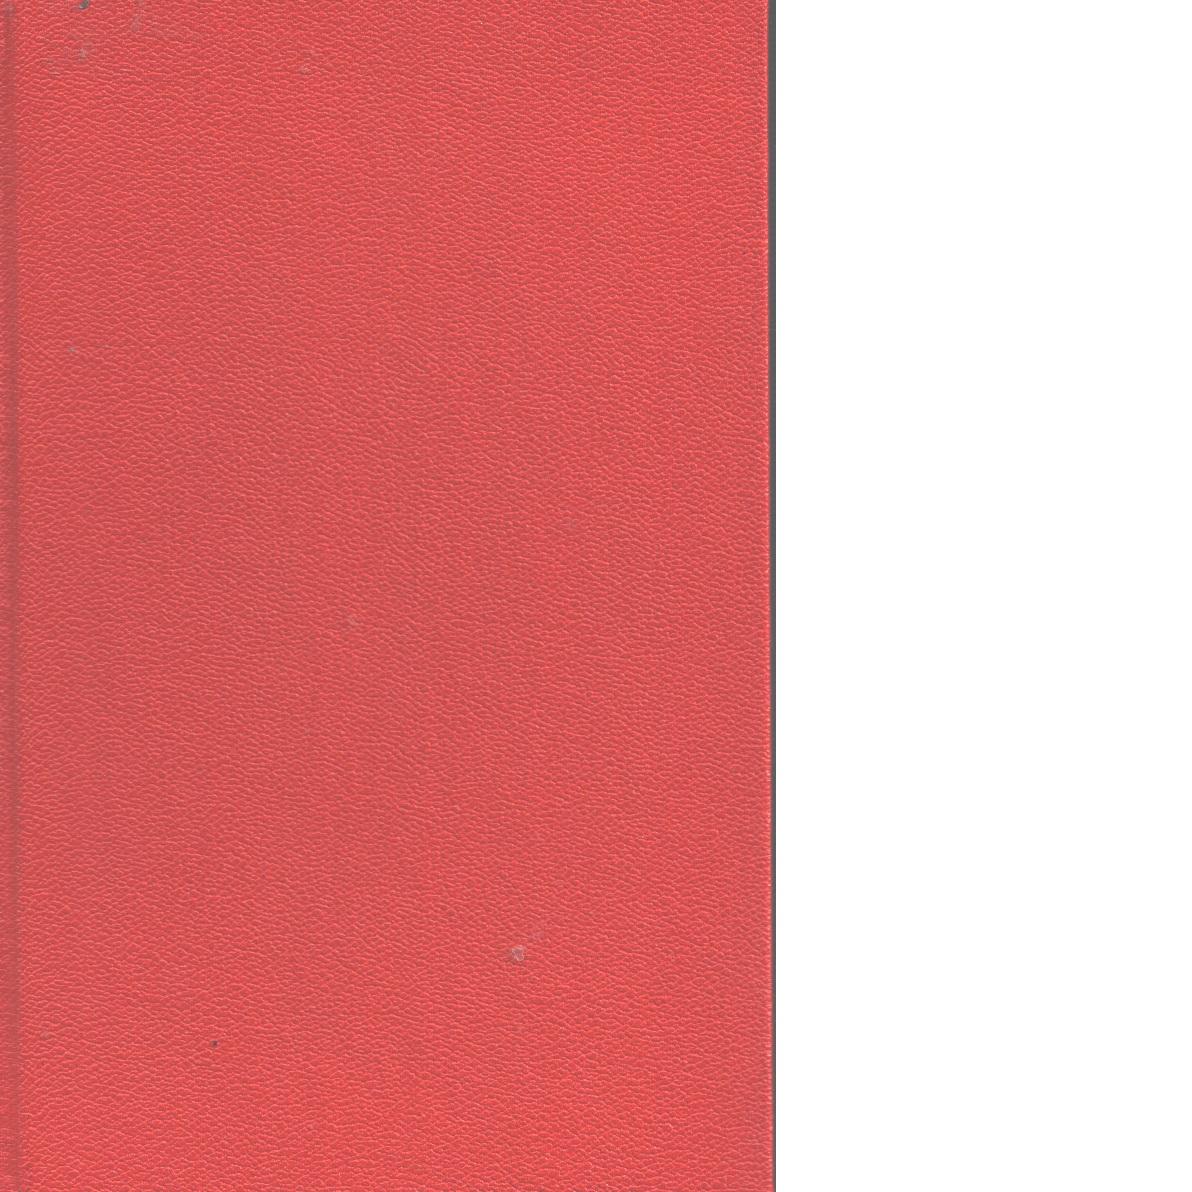 Lärobok i snickeriarbete - Red. Blomkvist, Edvard,